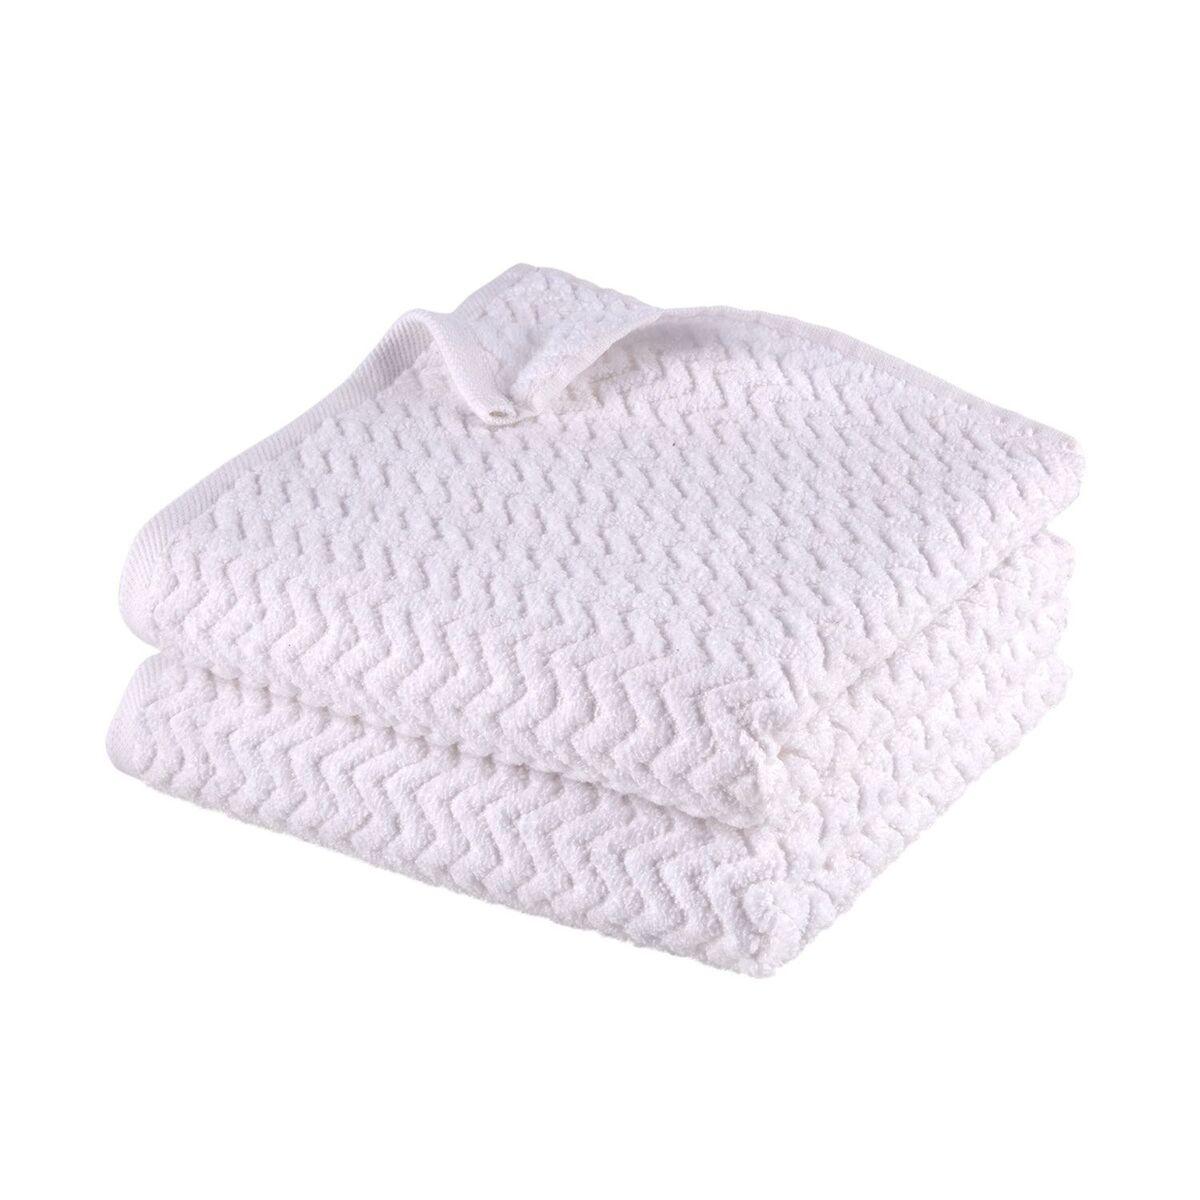 Bild 4 von tukan Flausch-Handtücher